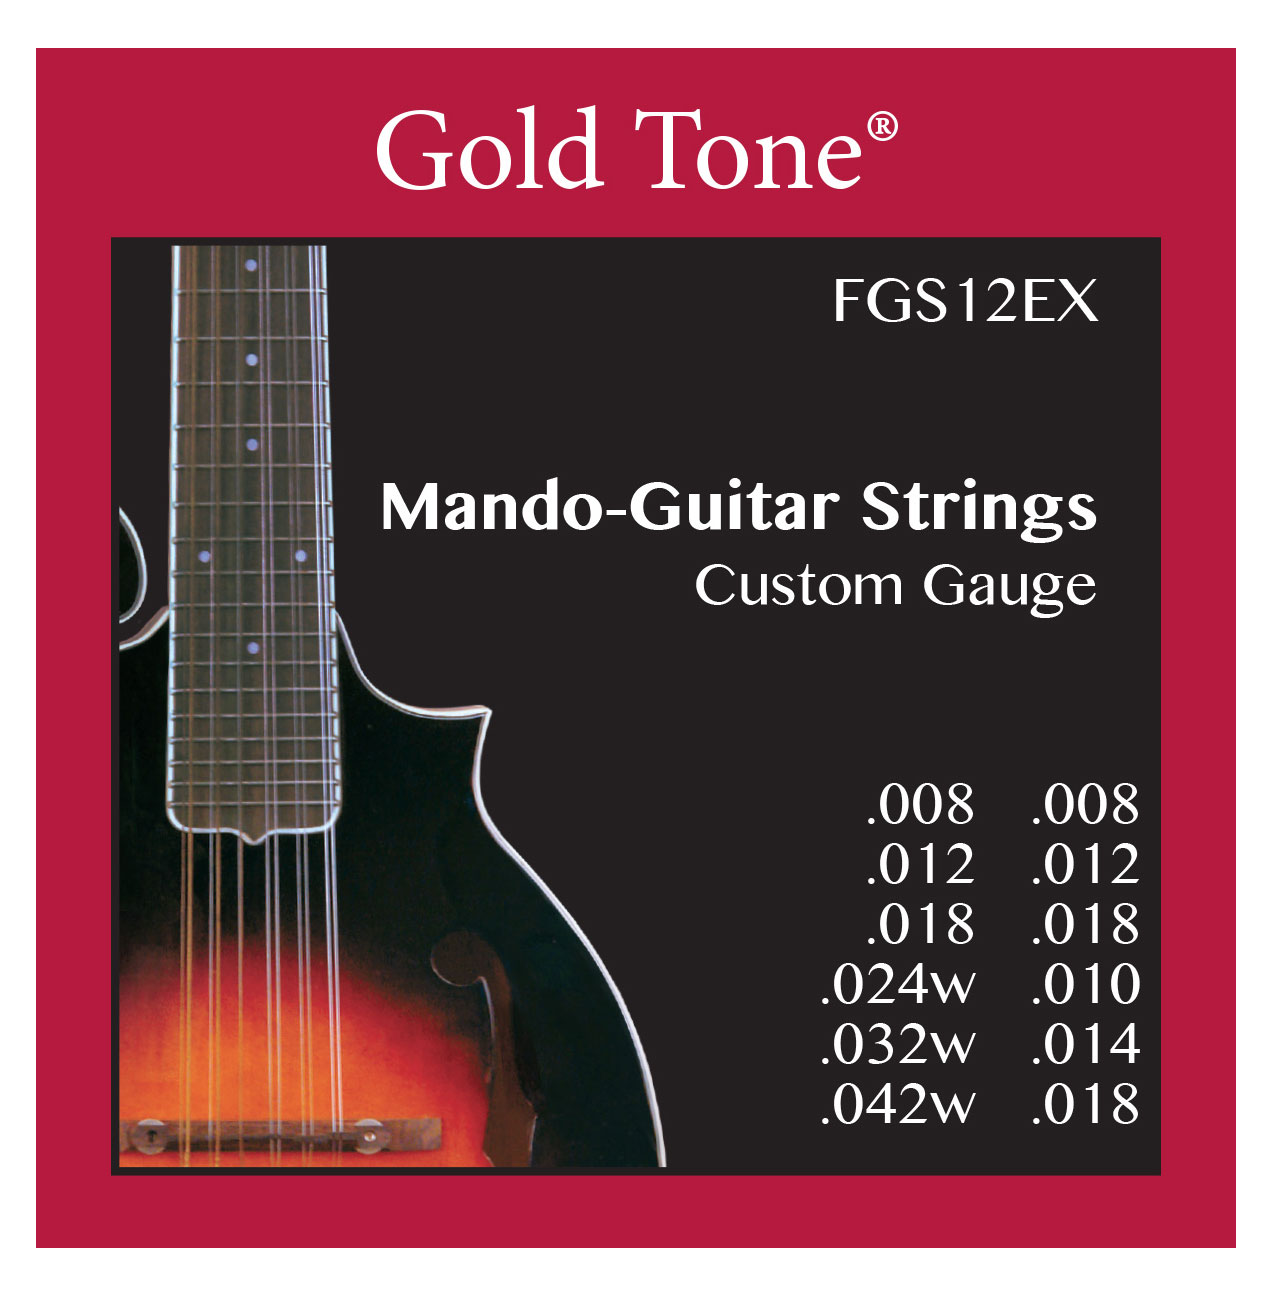 Saiten - Gold Tone FGS 12EX Mando Guitar Saitensatz für F12 - Onlineshop Musikhaus Kirstein